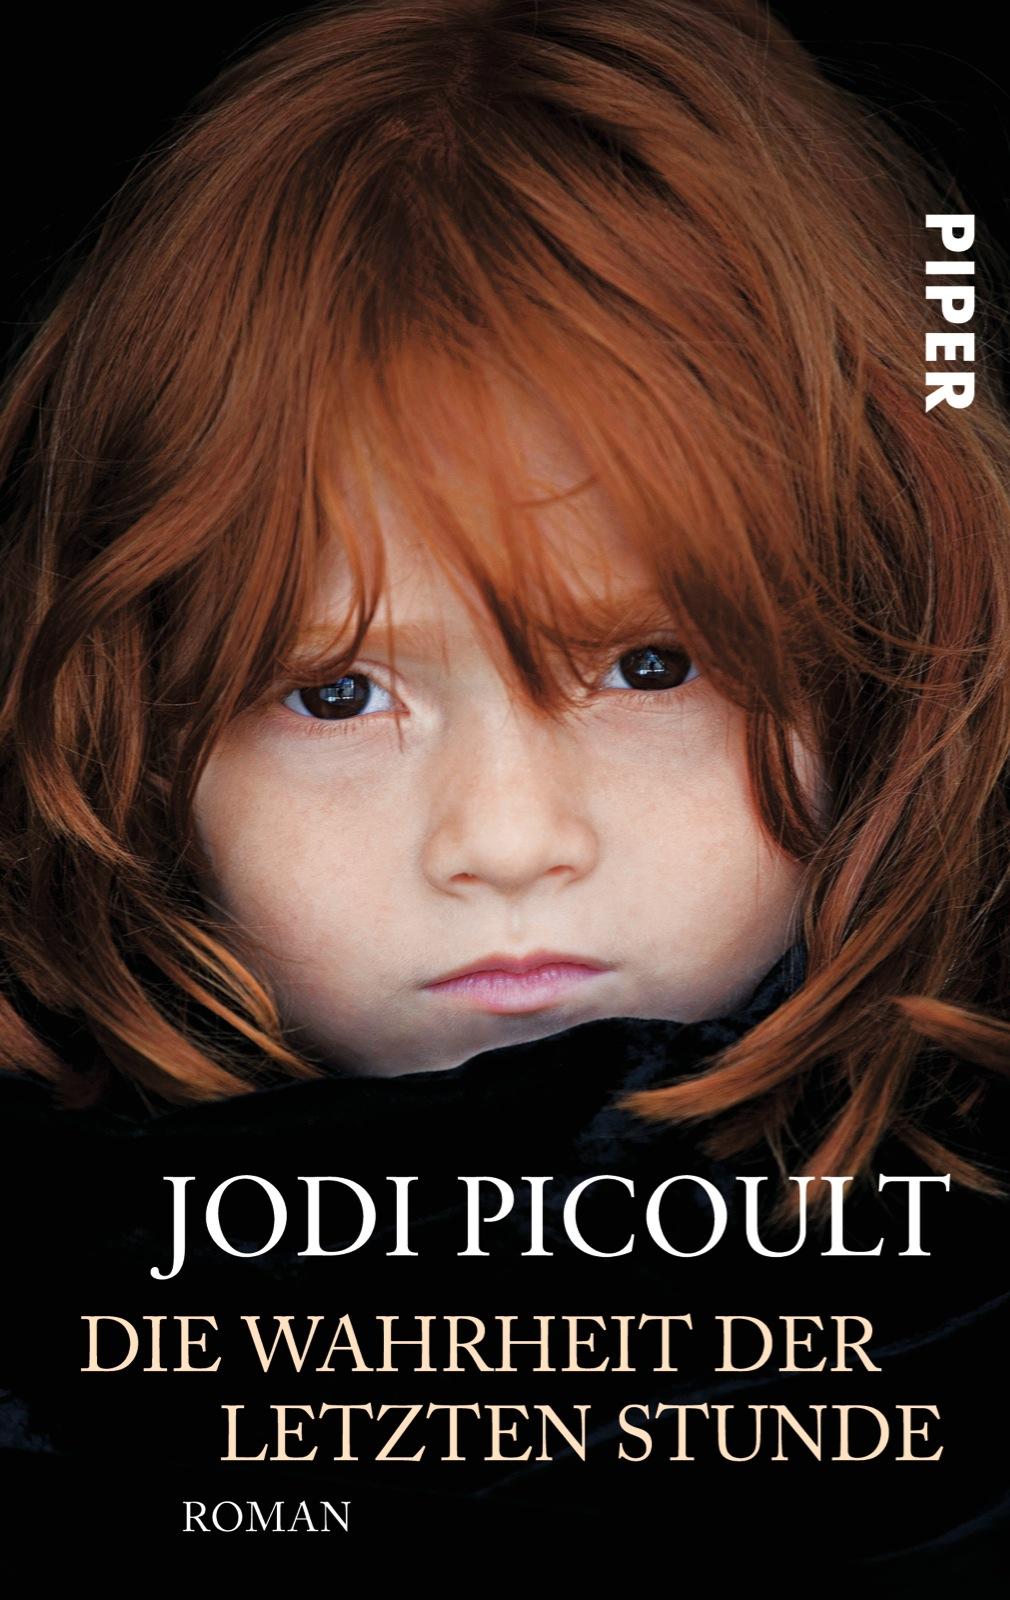 Die Wahrheit der letzten Stunde - Jodi Picoult